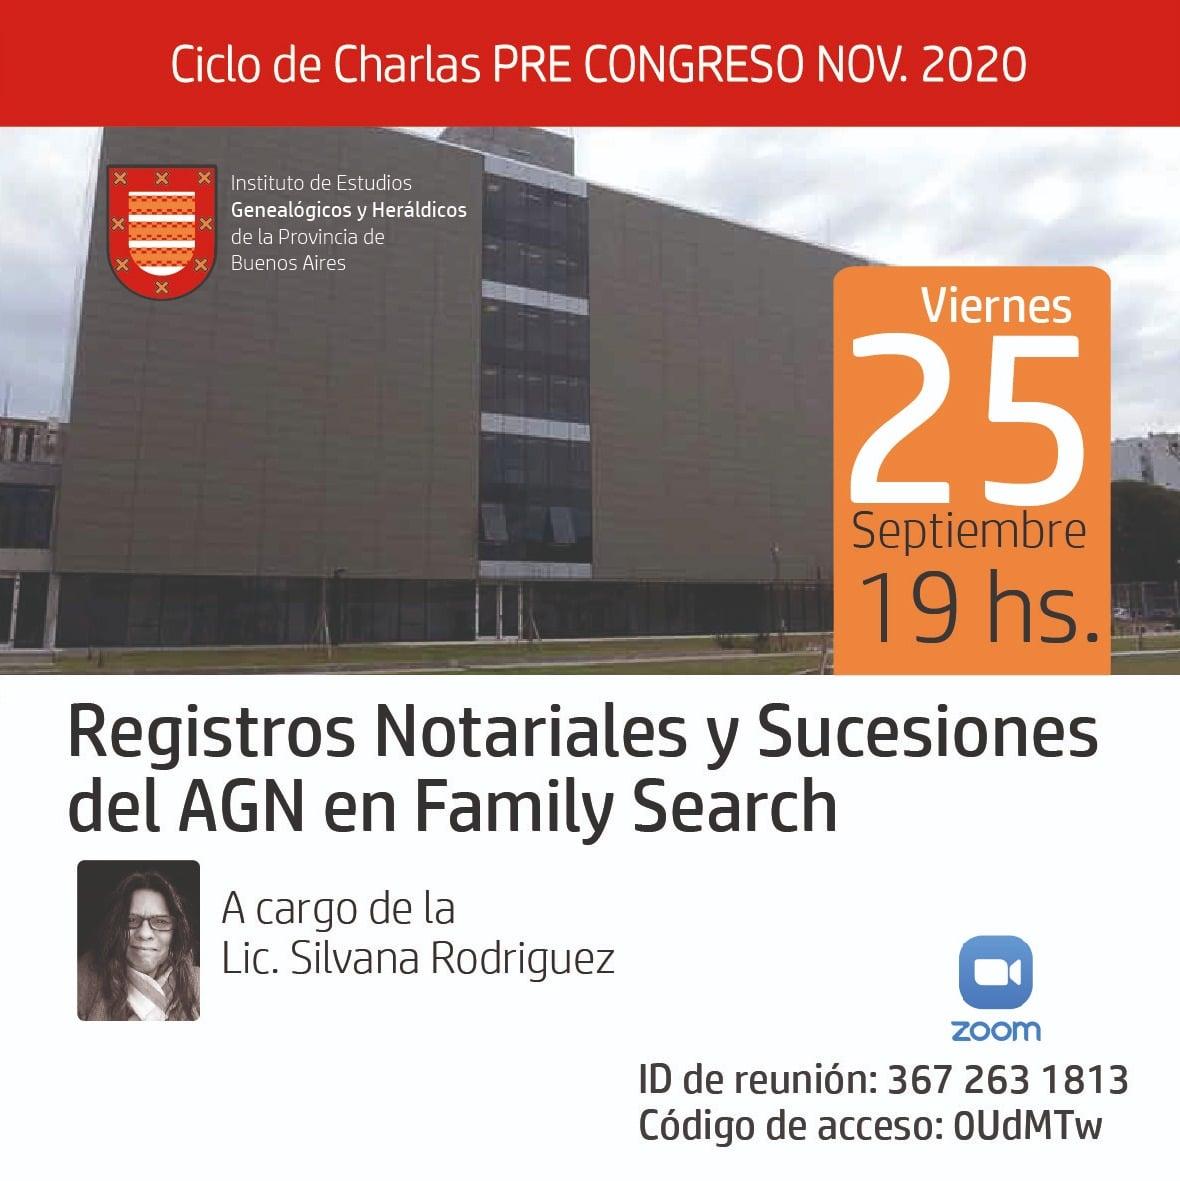 Registros notariales y Sucesiones